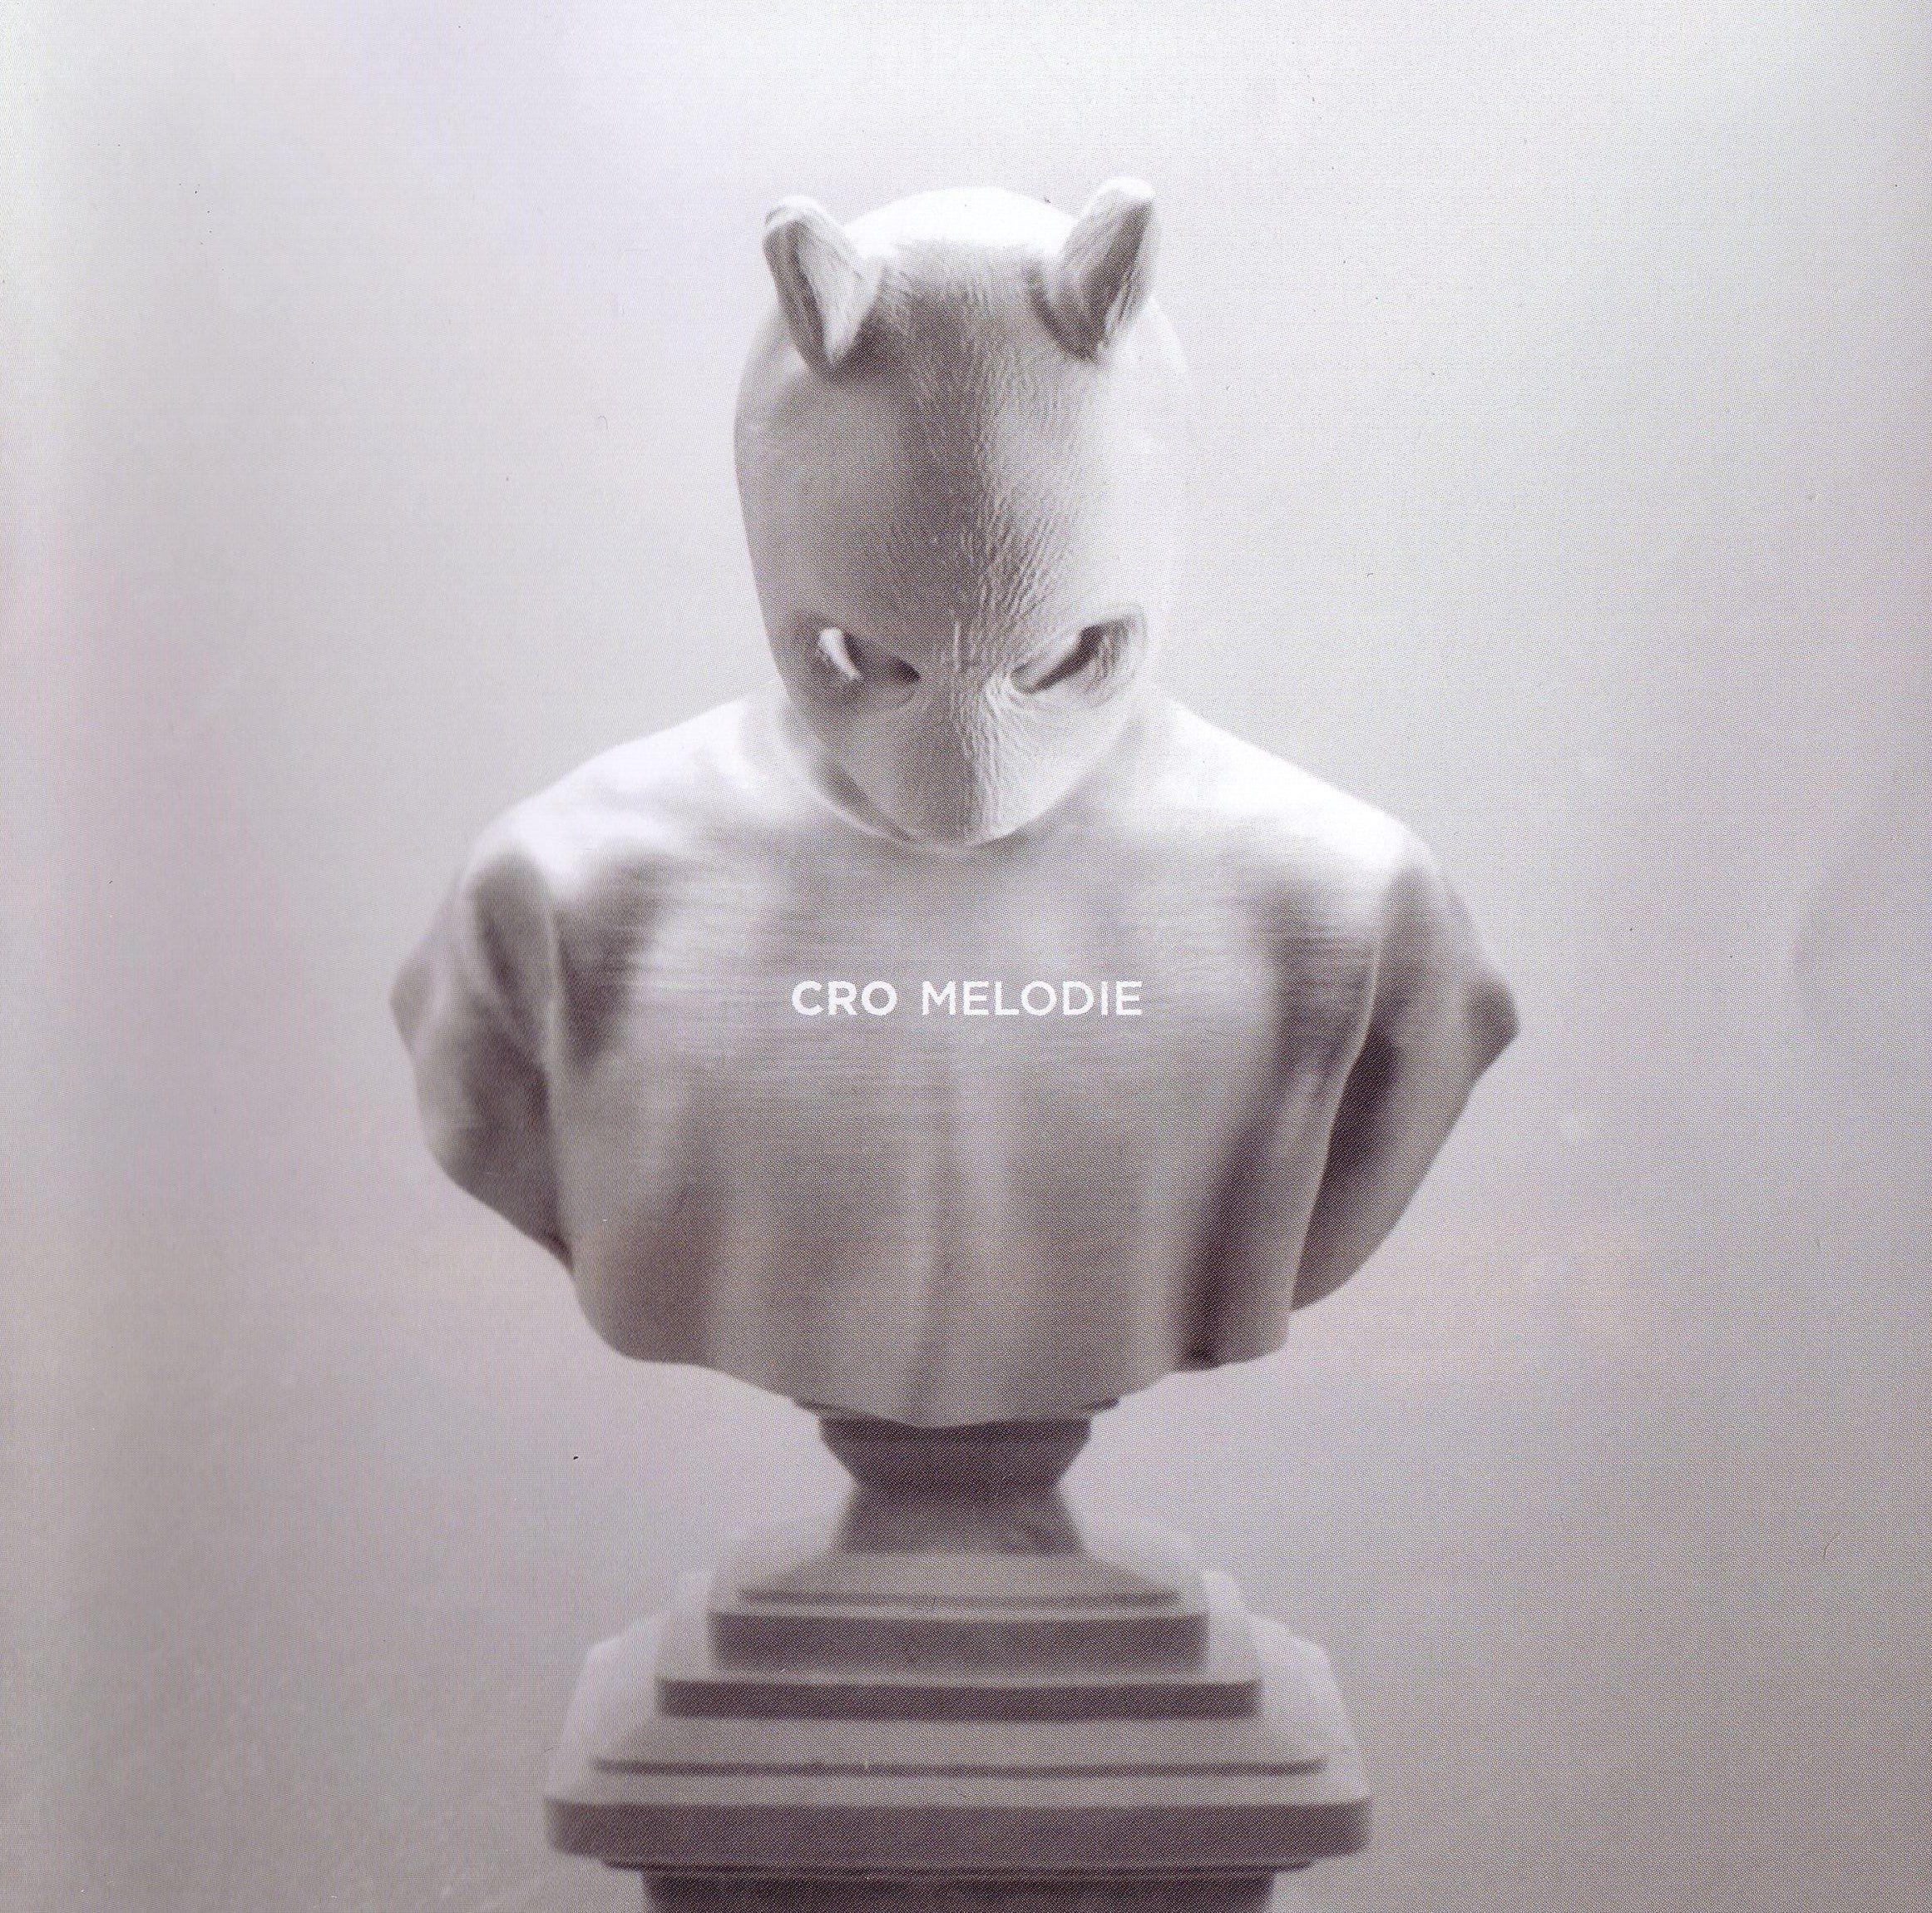 Cro - Melodie album cover